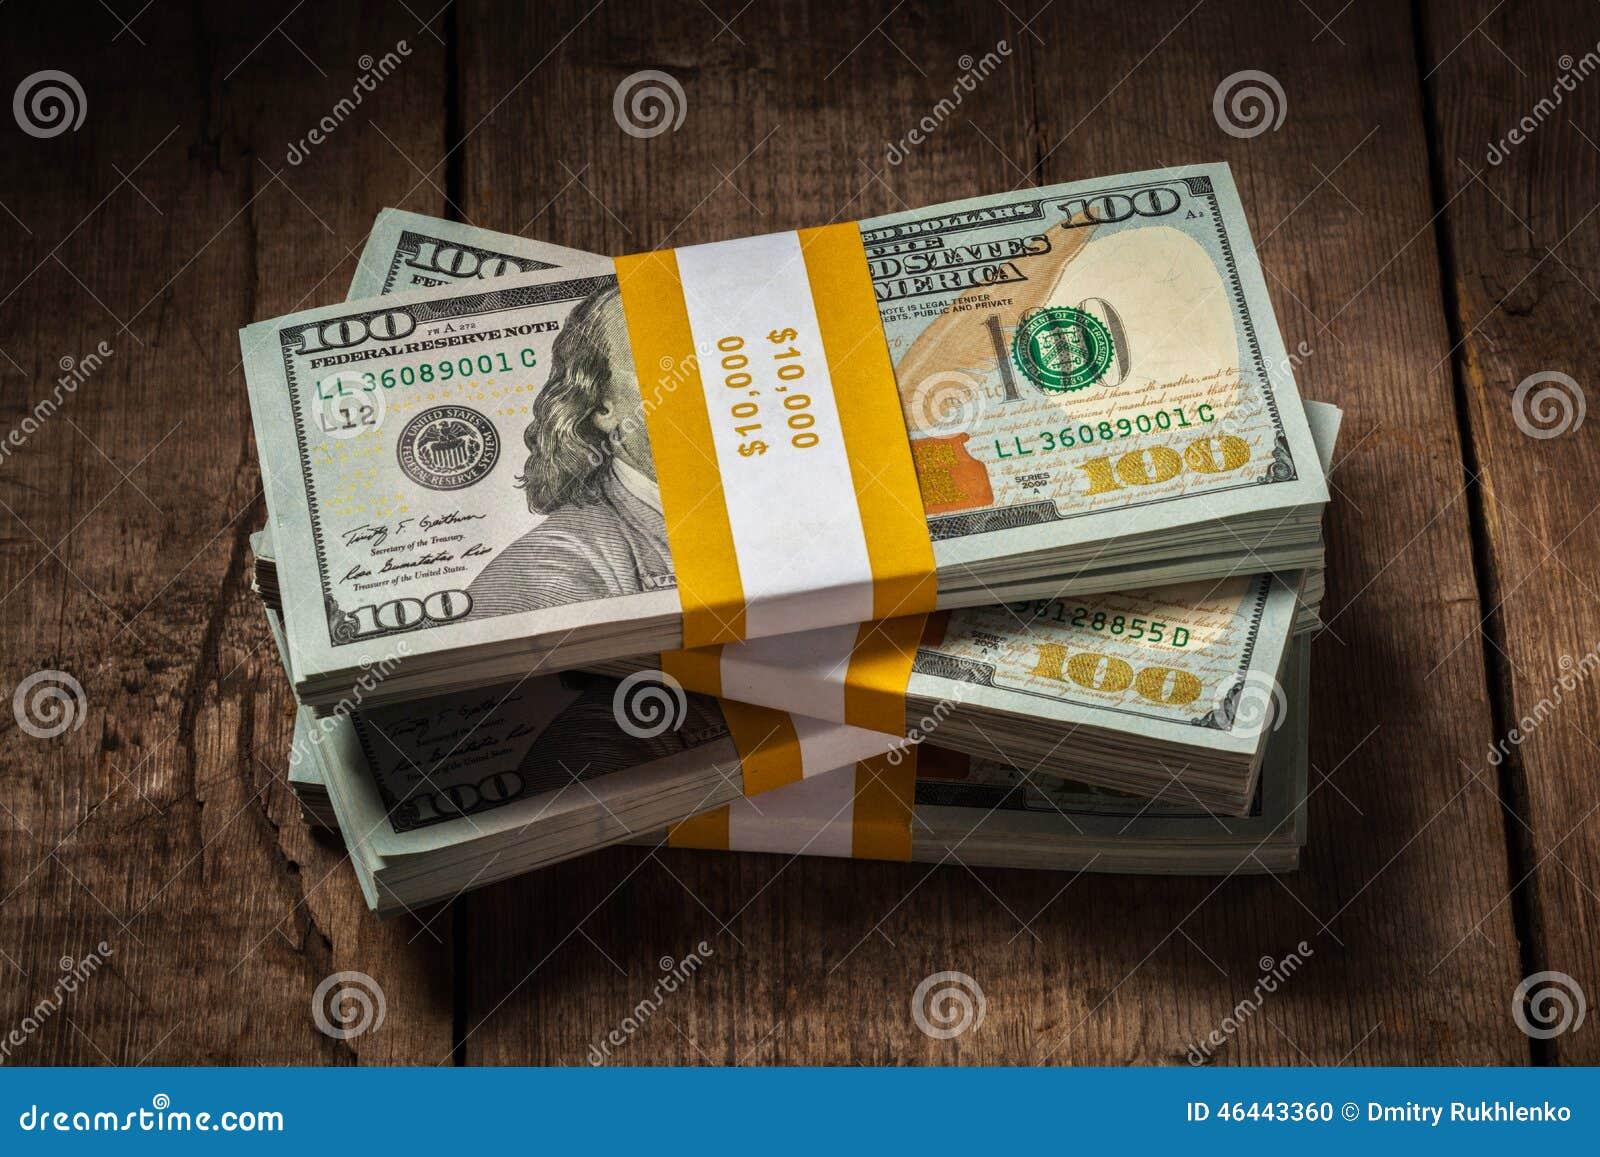 100 доллар инвестировать взять кредит в интернете s